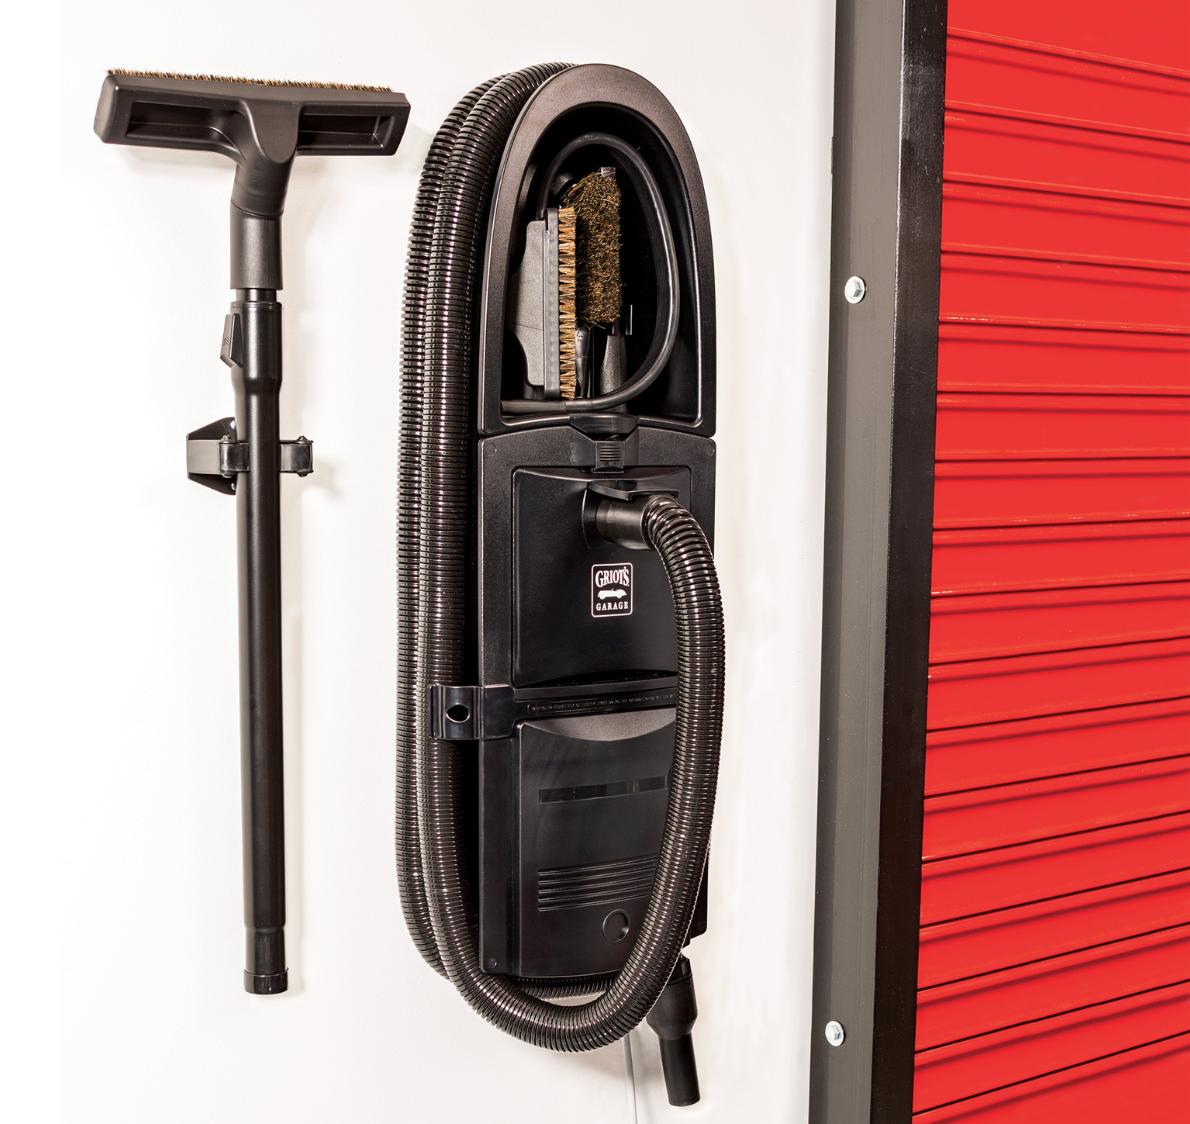 Wallmounted Garage Vac By Griot's Garage  Choice Gear. Garage Light Fixture. Keyless Entry Door. Bathroom Doors. Low Headroom Garage Door Opener. G Force Garage Flooring. Mullion Doors. Custom Storm Door. Garage Ceiling Storage Lift